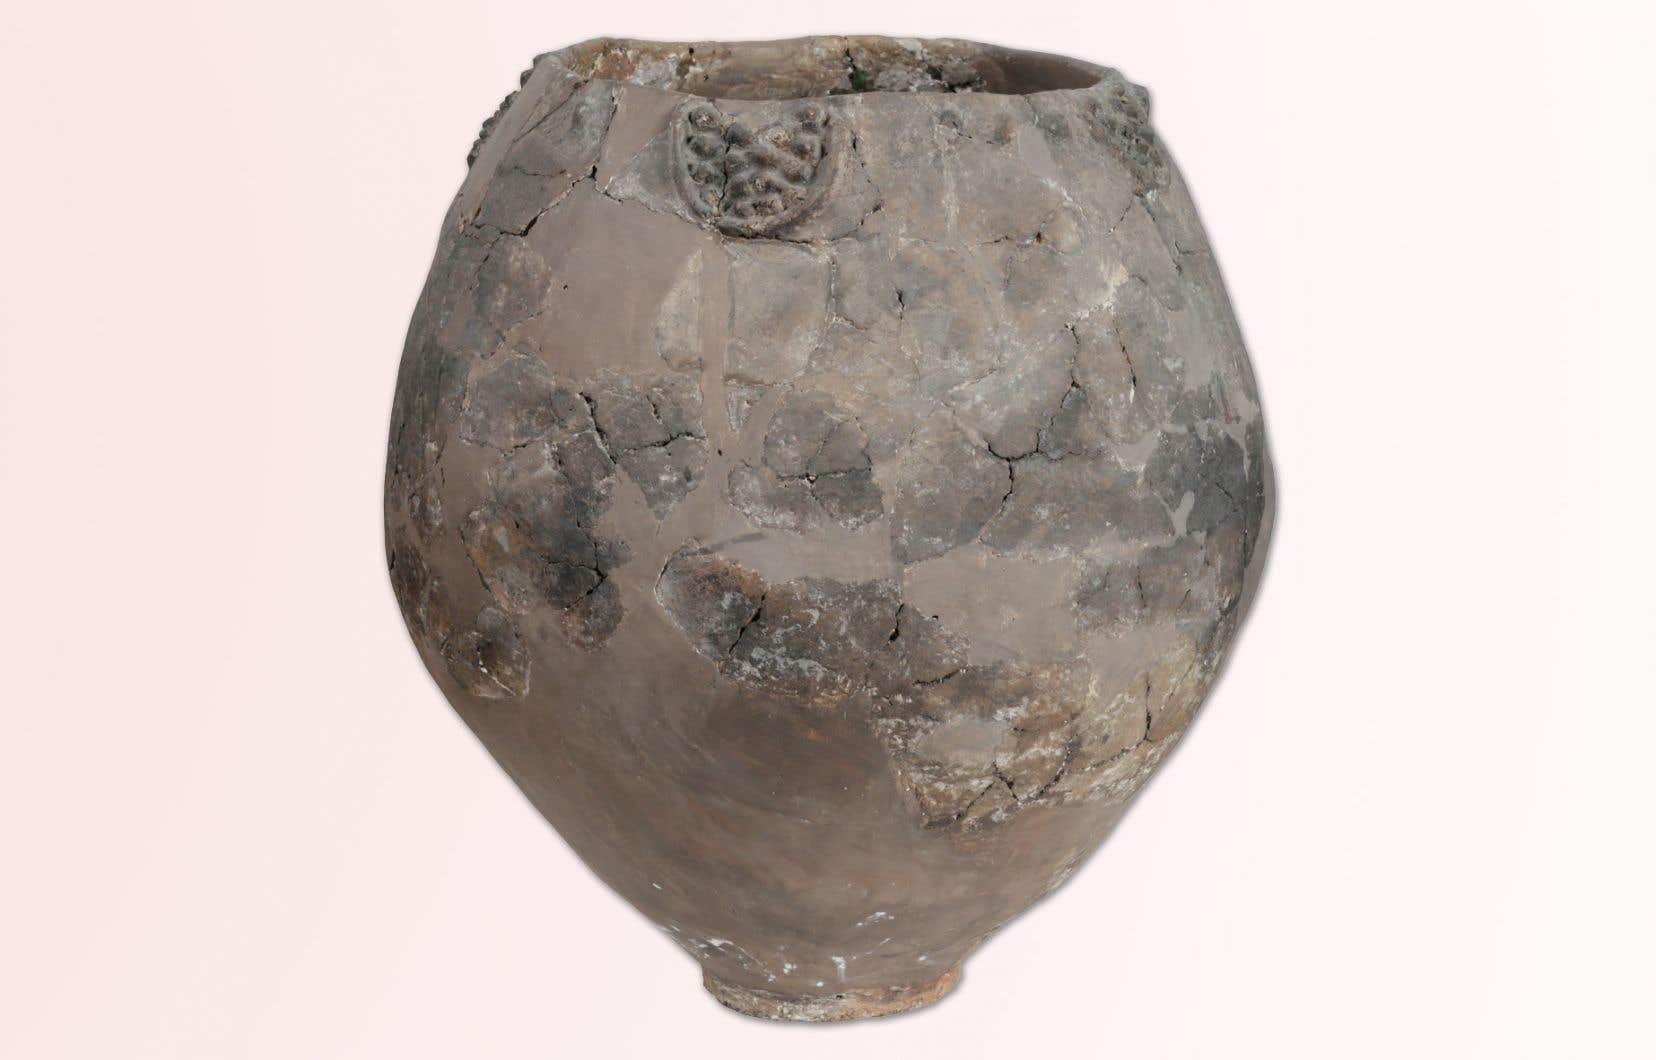 Des résidus ont été retrouvés dans des poteries néolithiques mises au jour en Géorgie, dans le sud du Caucase.